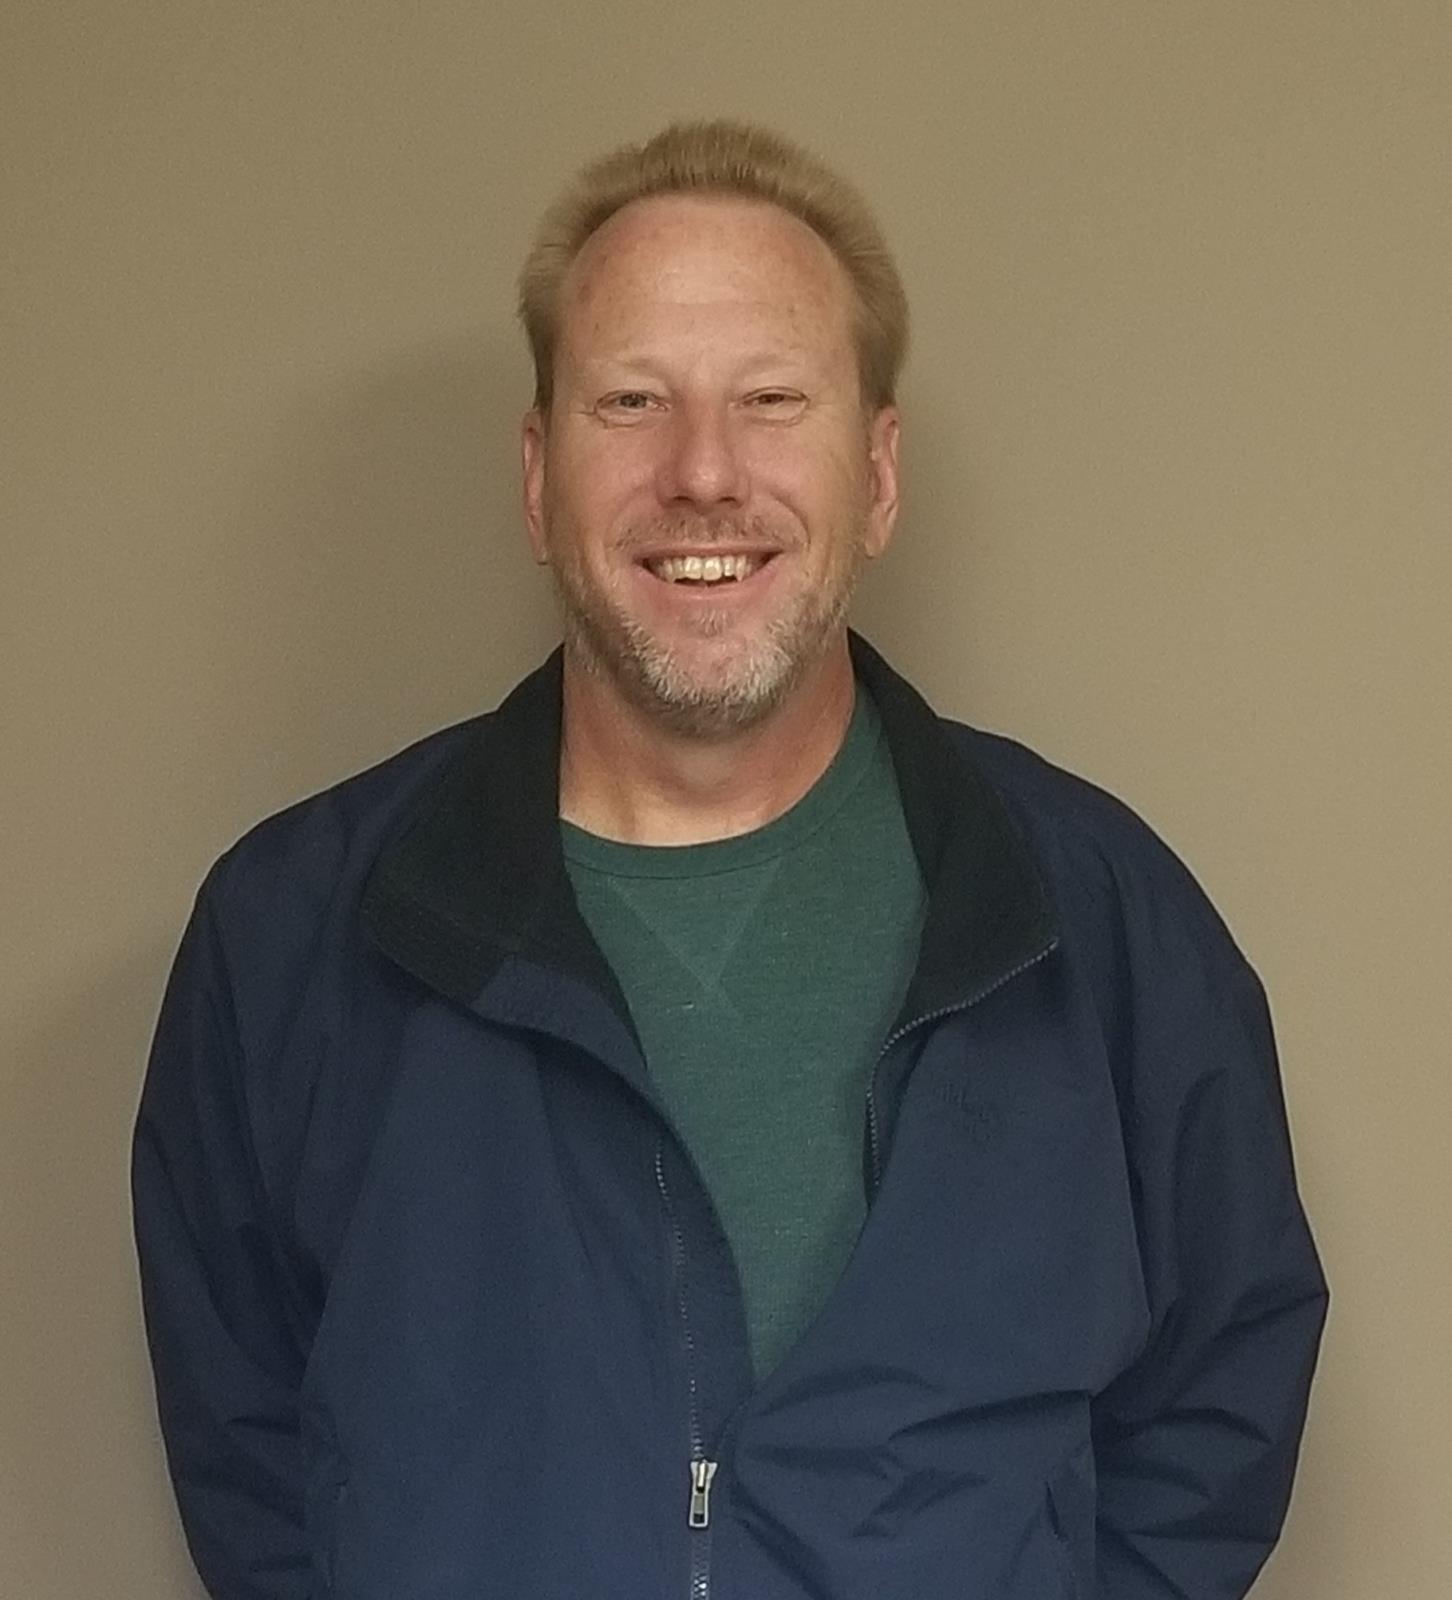 Scott Kurz